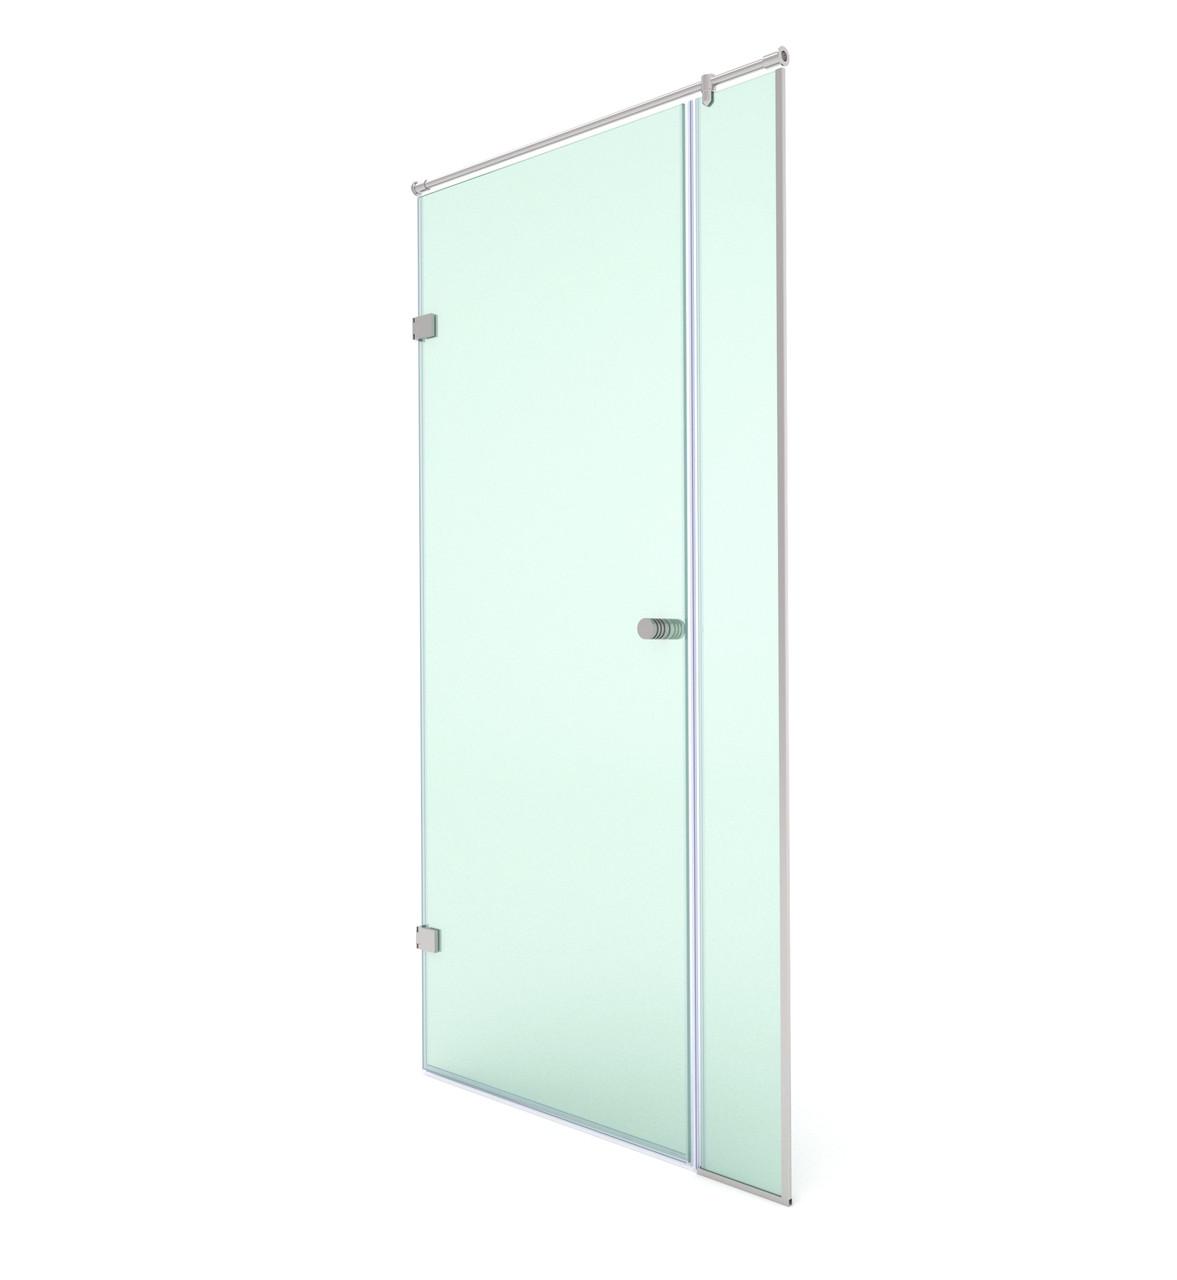 Распашные двери в душевую, модели SD-02-10